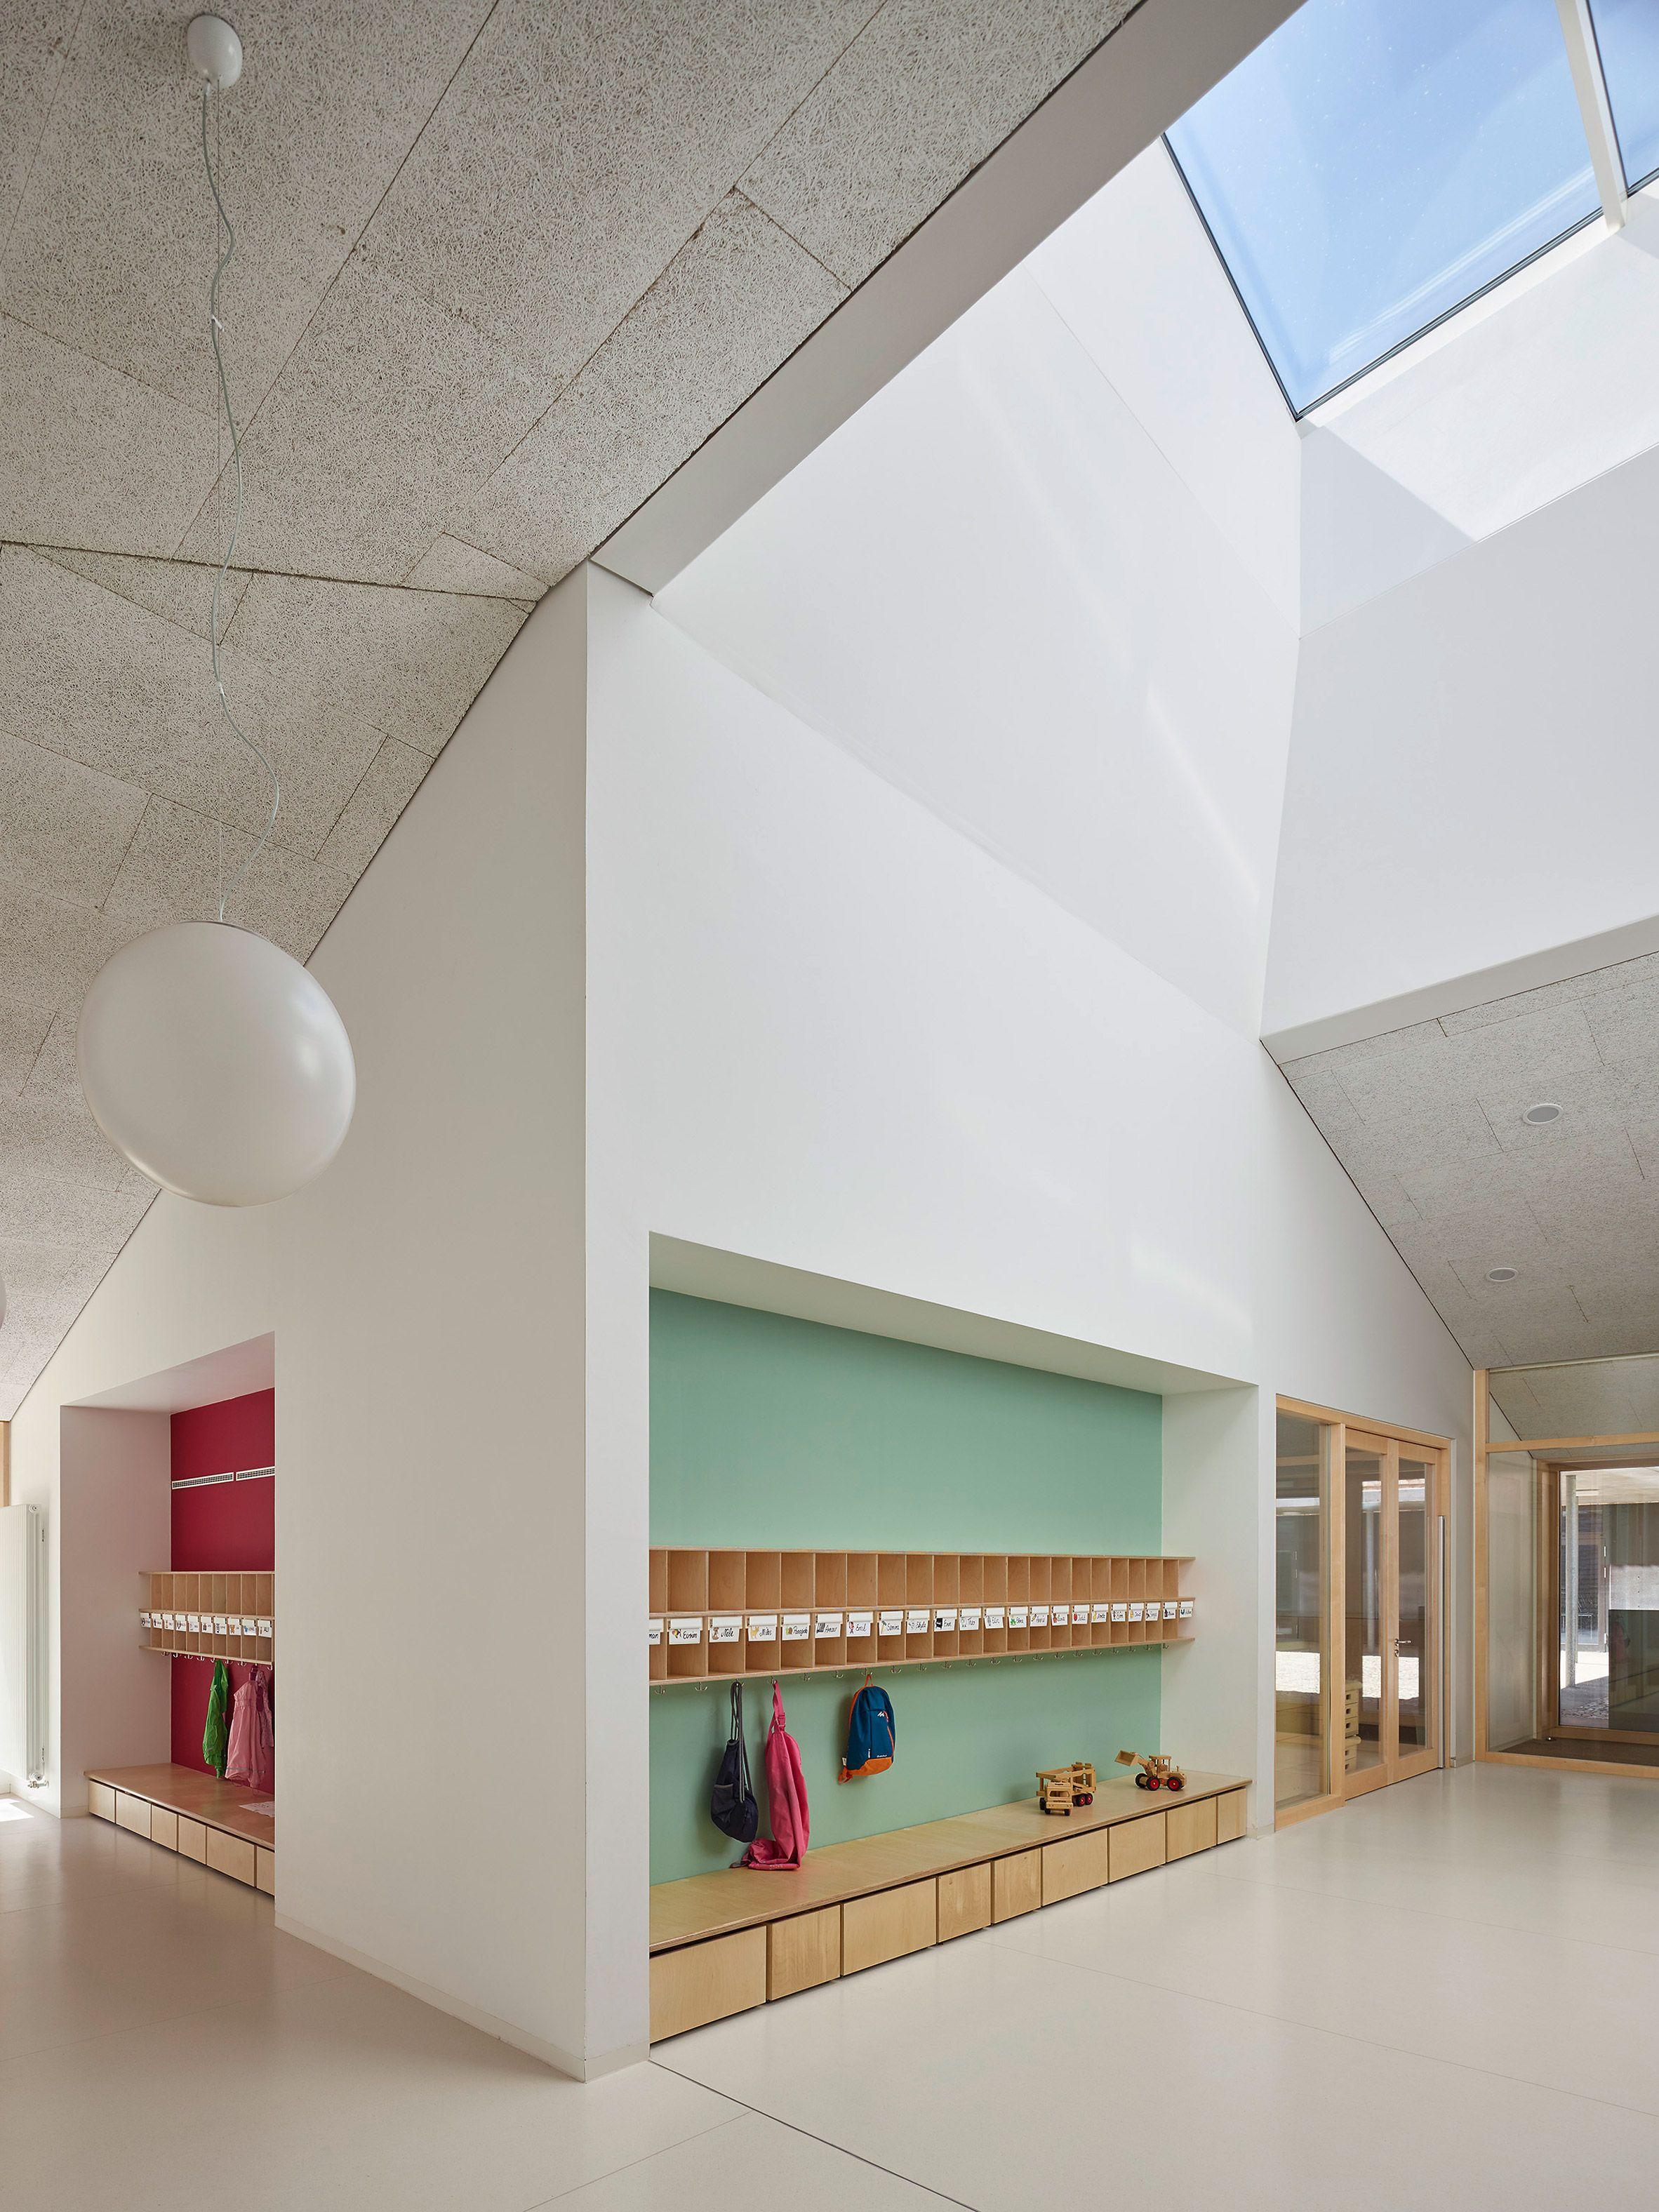 Shingle Clad School By Search Architekten Is Around A Cobbled Courtyard Kindergarten DesignKindergarten InteriorSchool